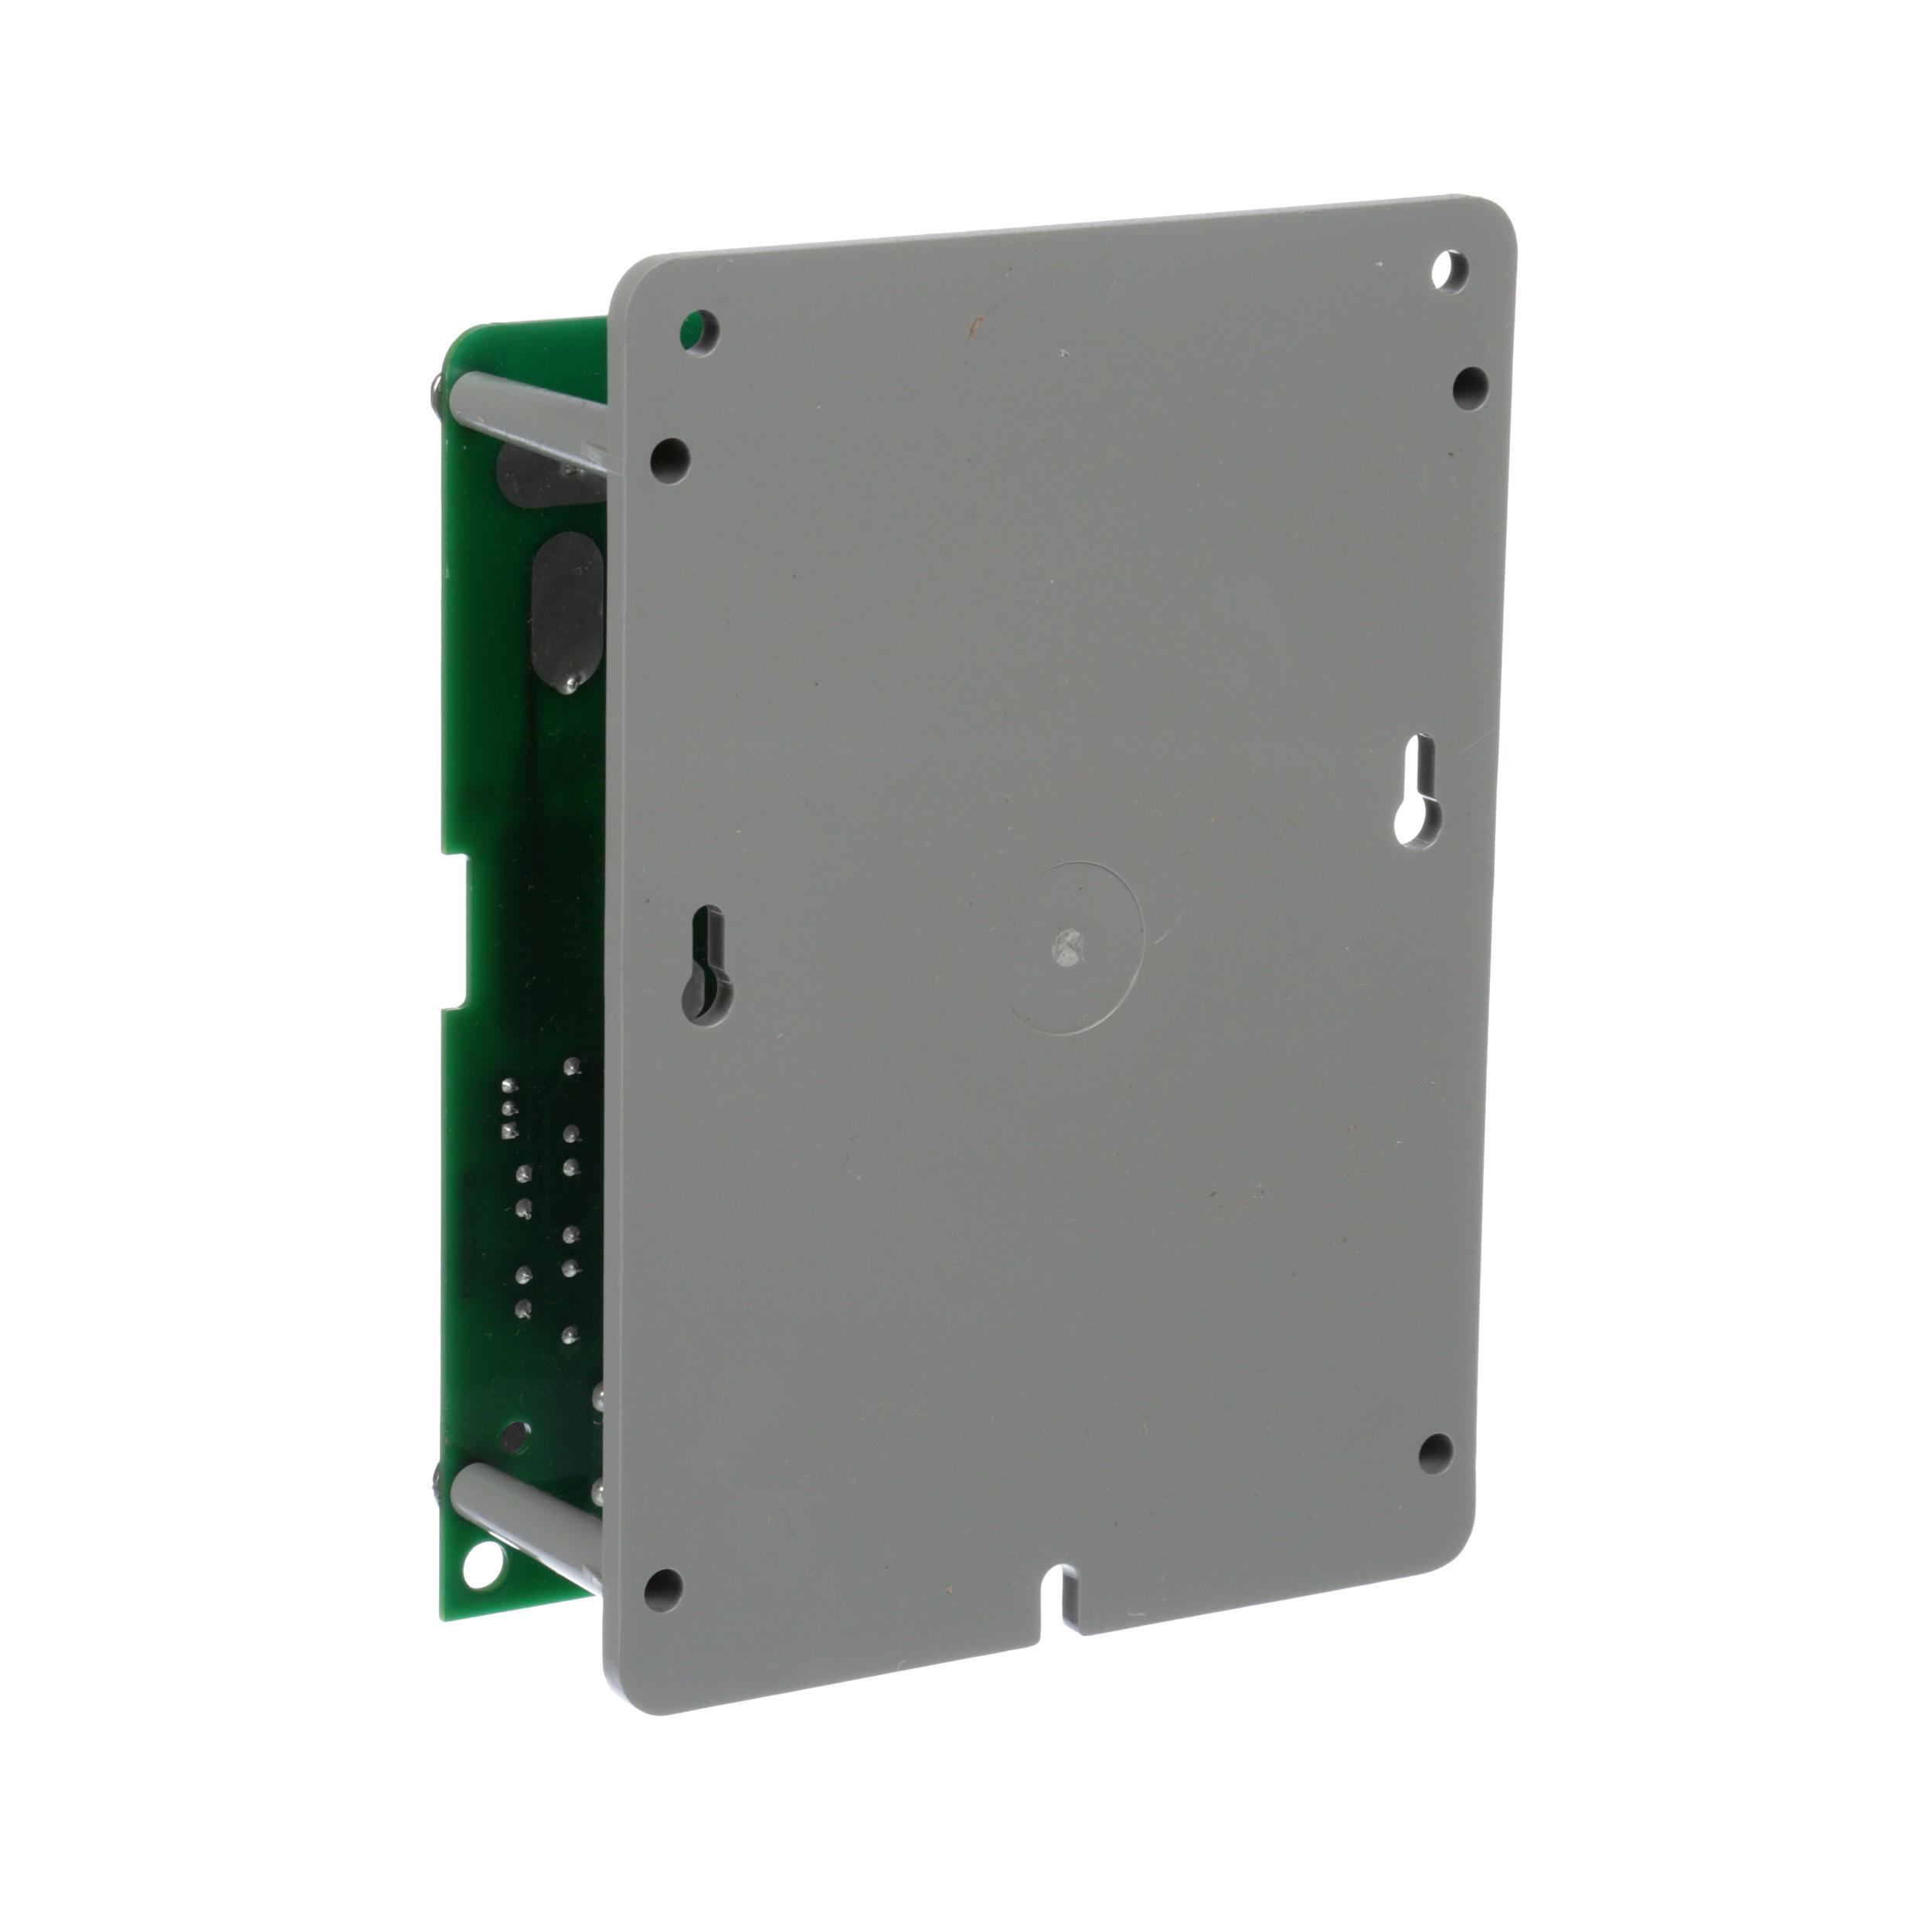 warren immersion heater wiring diagram infrared heater wiring 264863 r01 c09 w 300  [ 2500 x 2500 Pixel ]